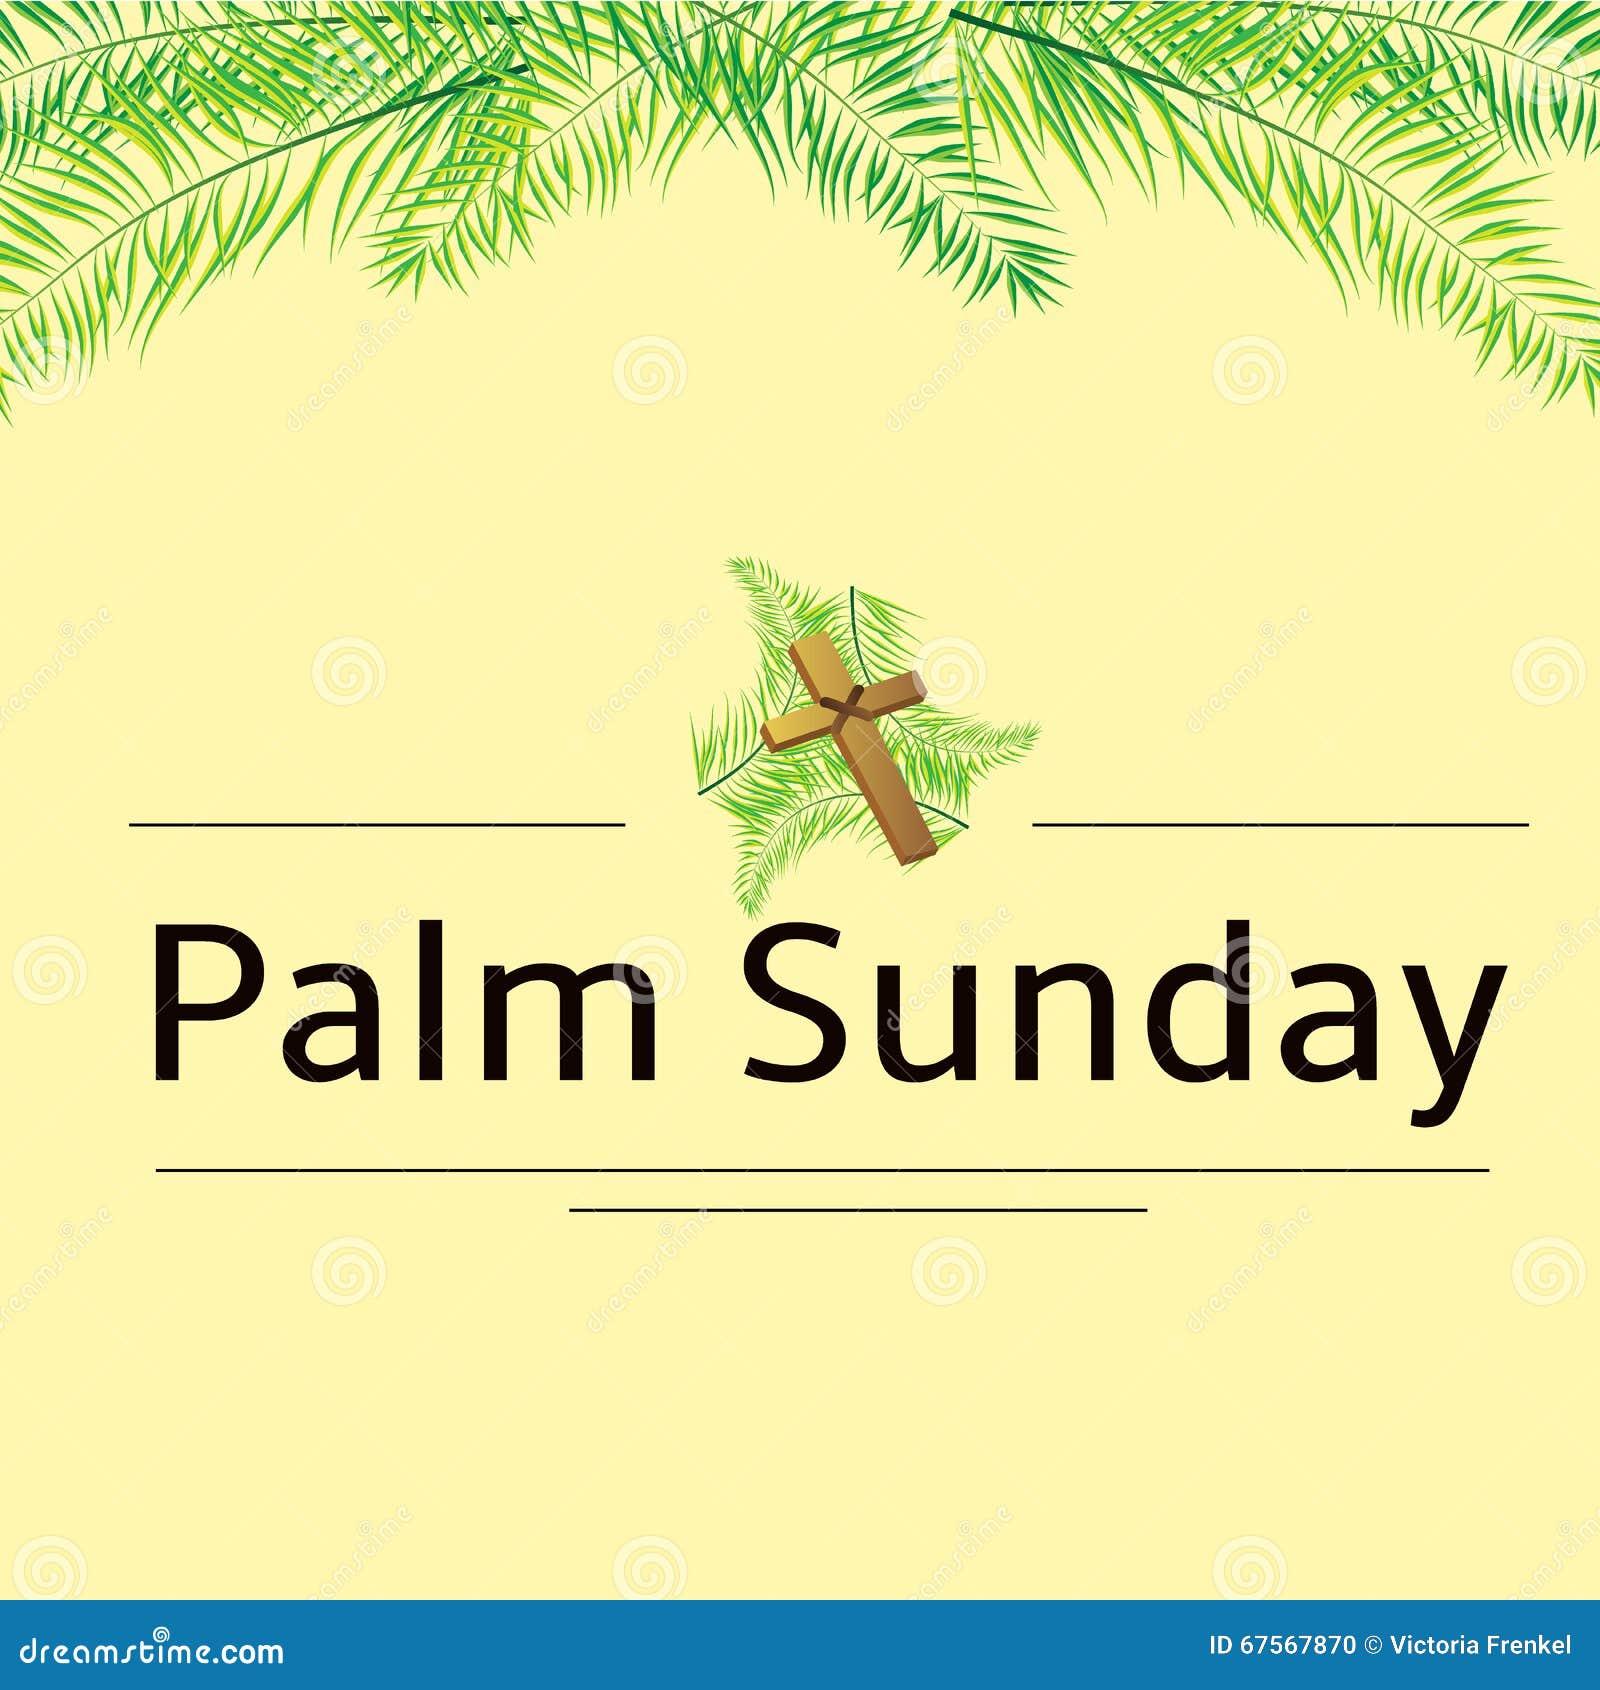 Palm Sunday Christian Background Stock Photos - Image: 28413243